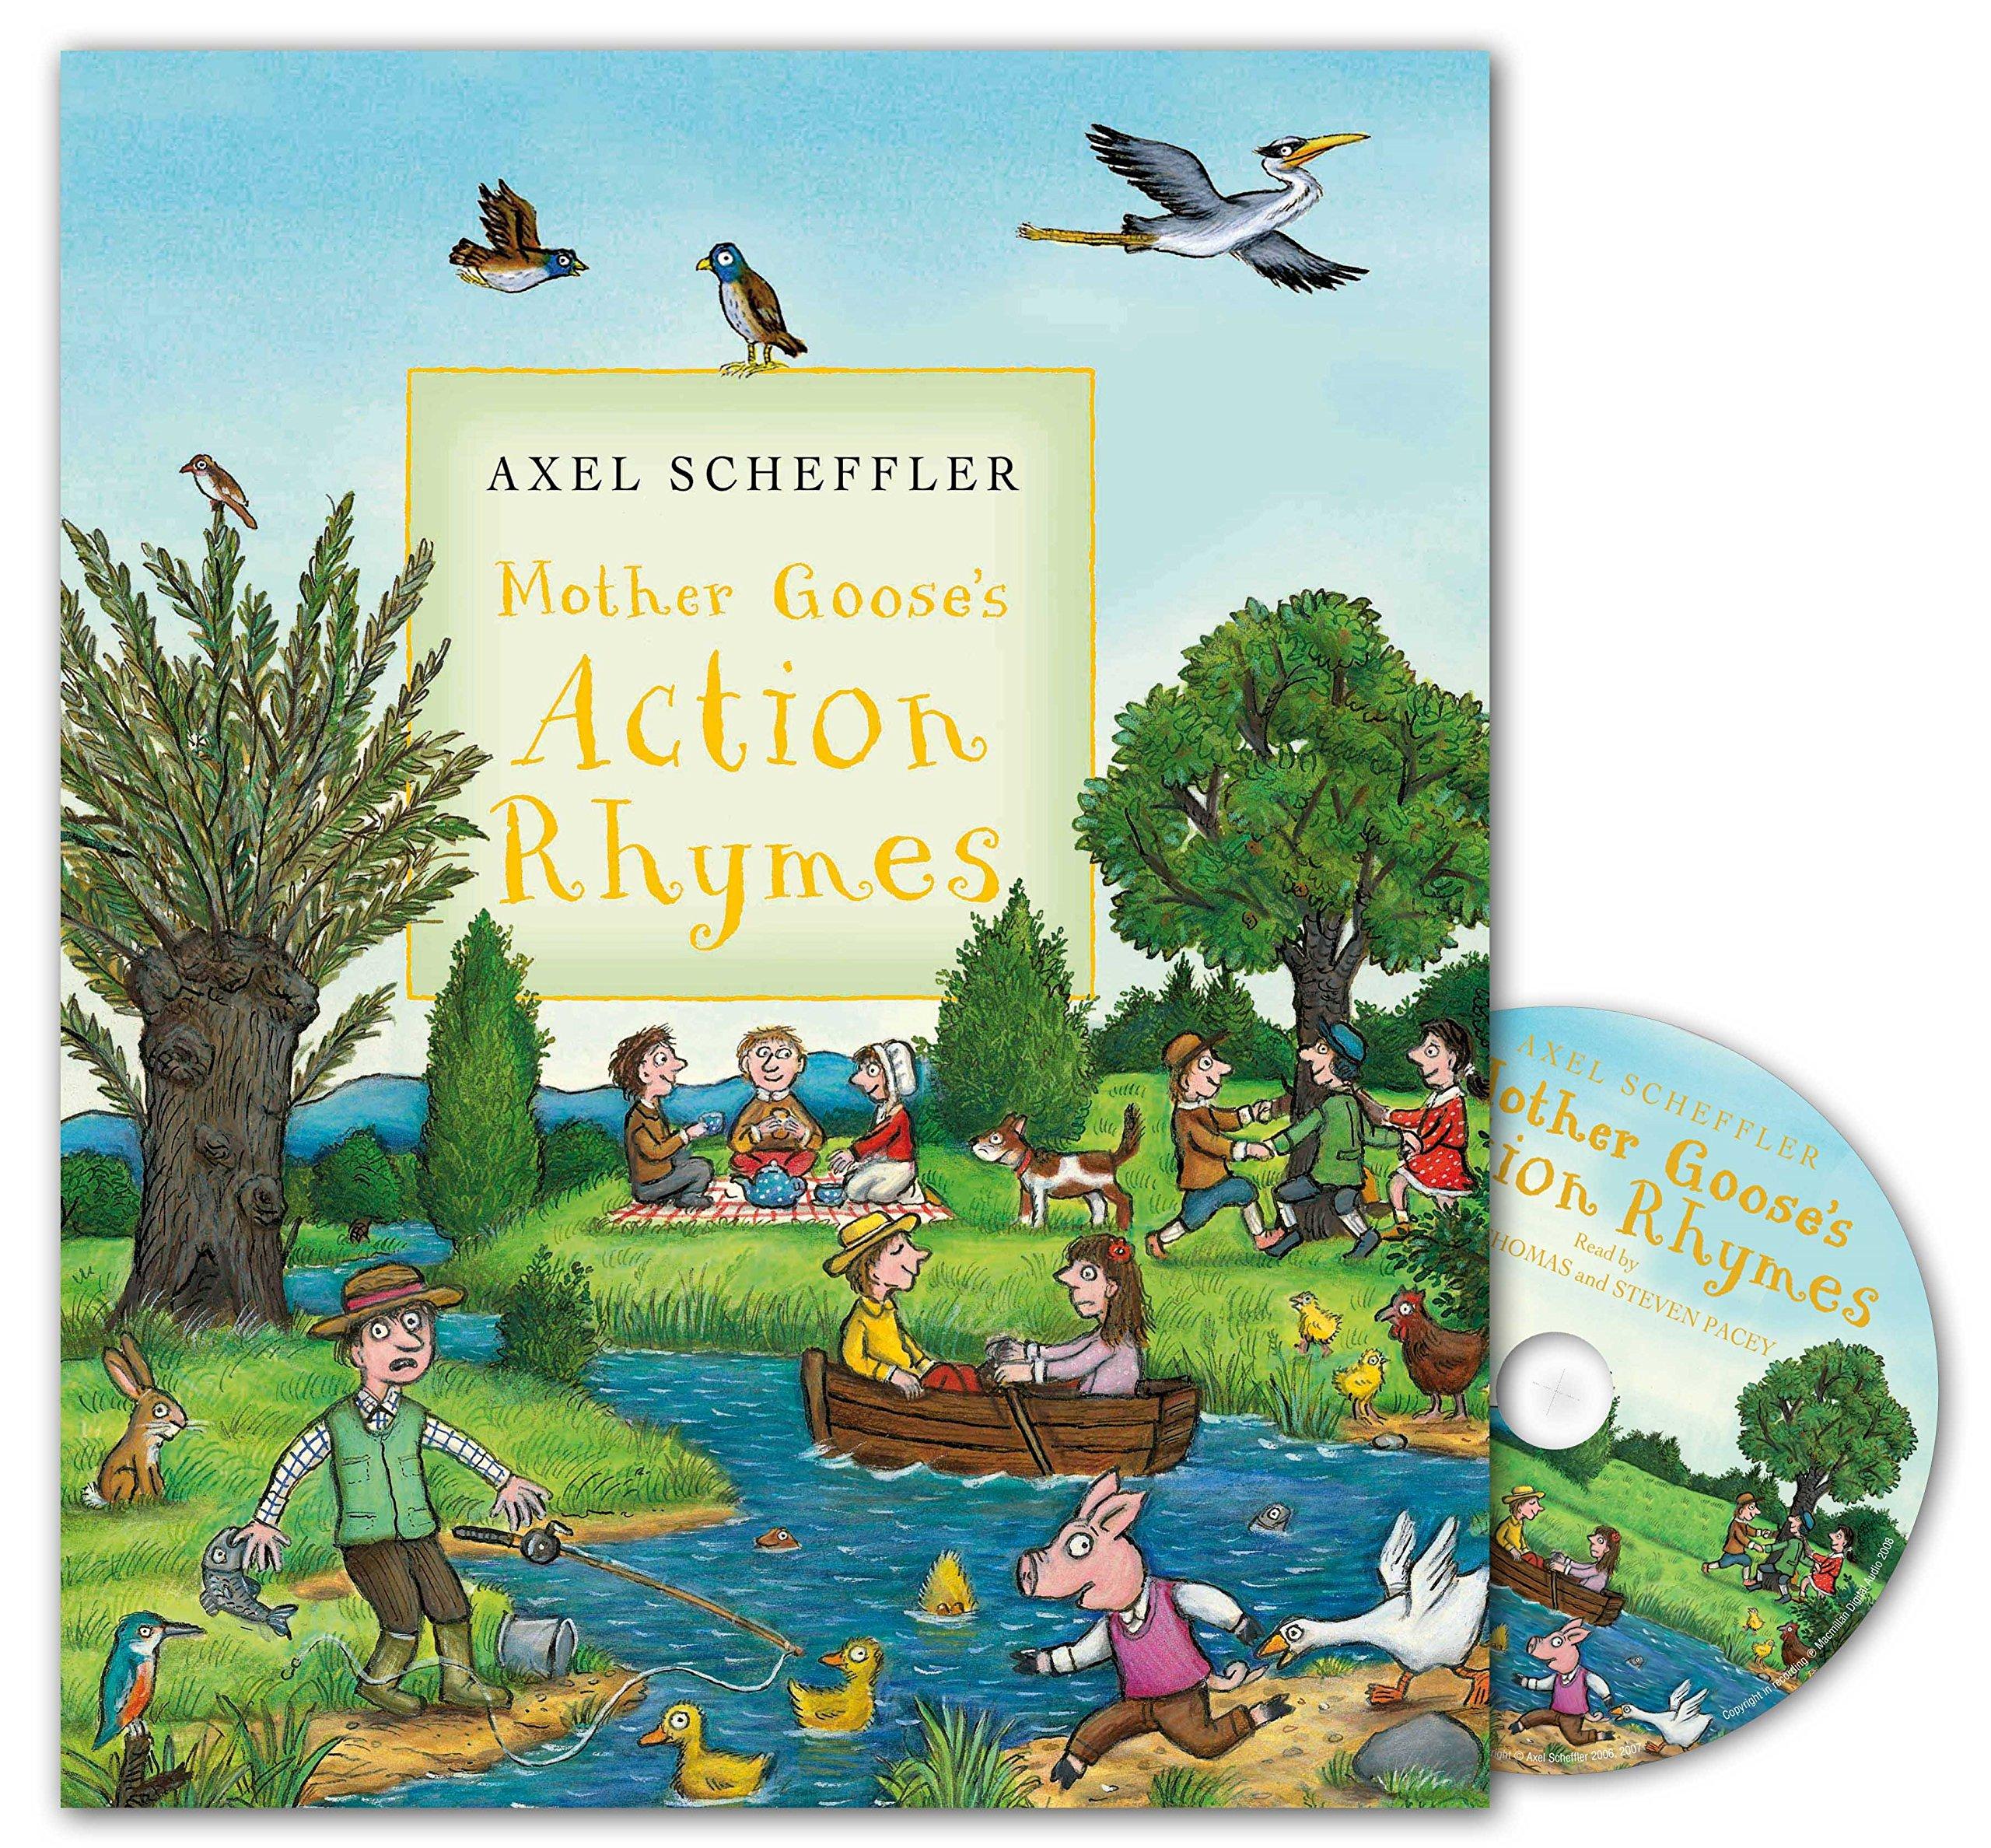 Mother Gooses Action Rhymes Book and CD Pack: Amazon.es: Axel Scheffler, Sian Thomas, Steven Pacey: Libros en idiomas extranjeros